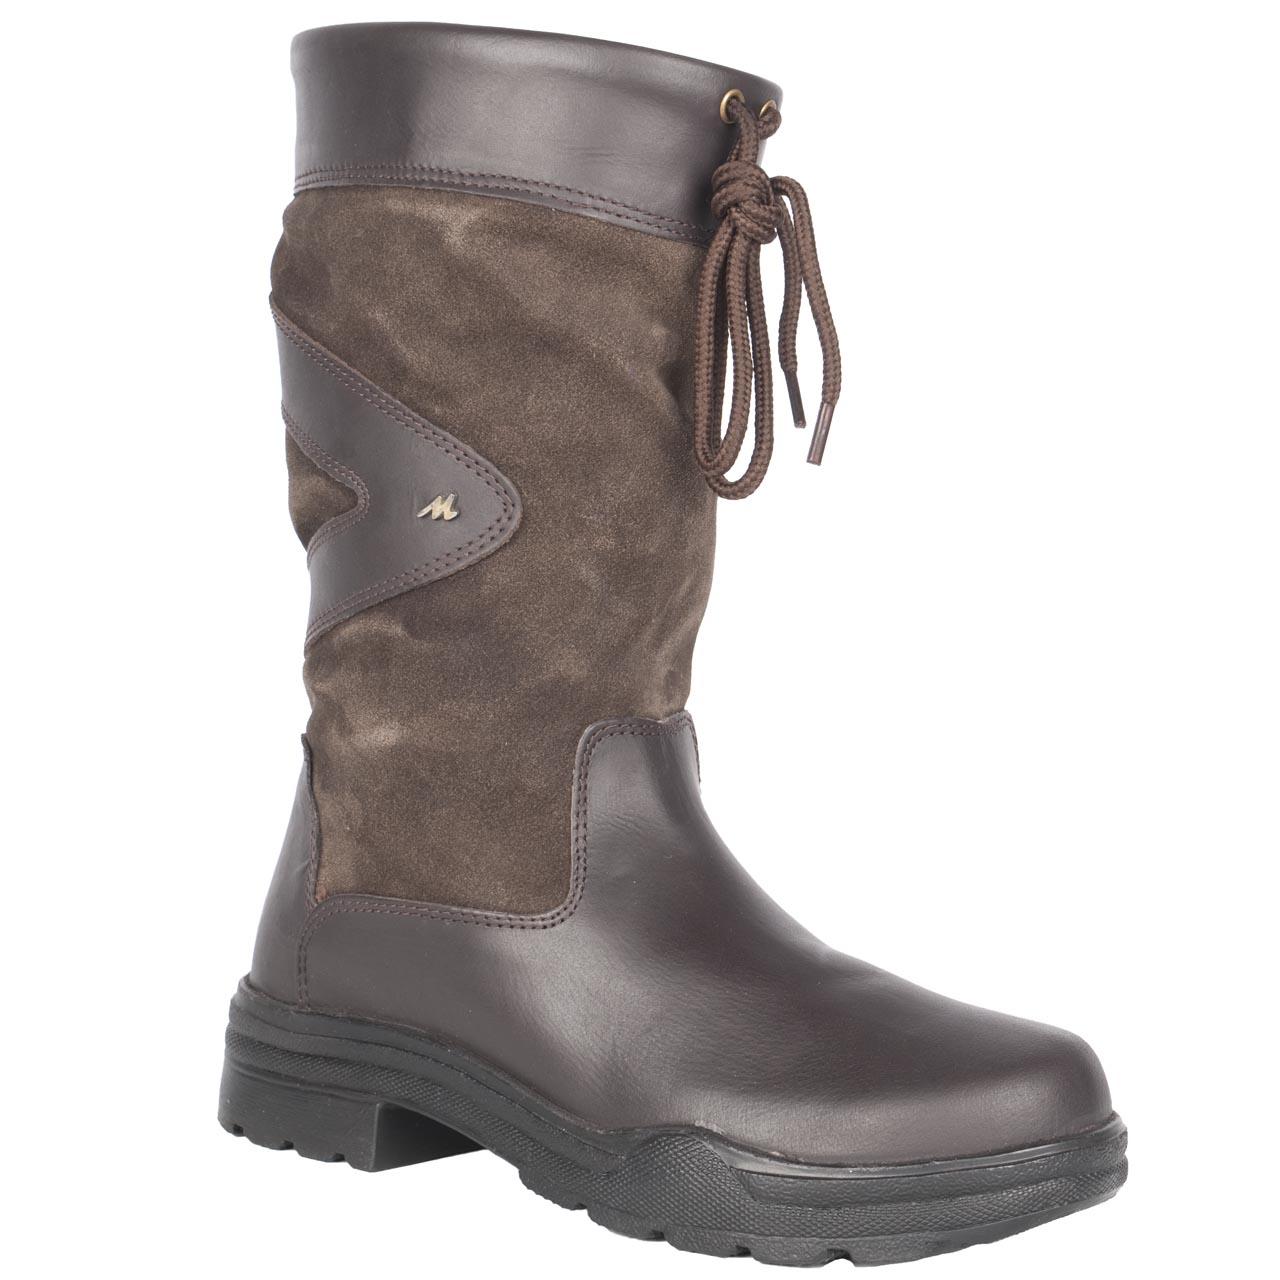 Mondoni Outdoor II laarzen bruin maat:43